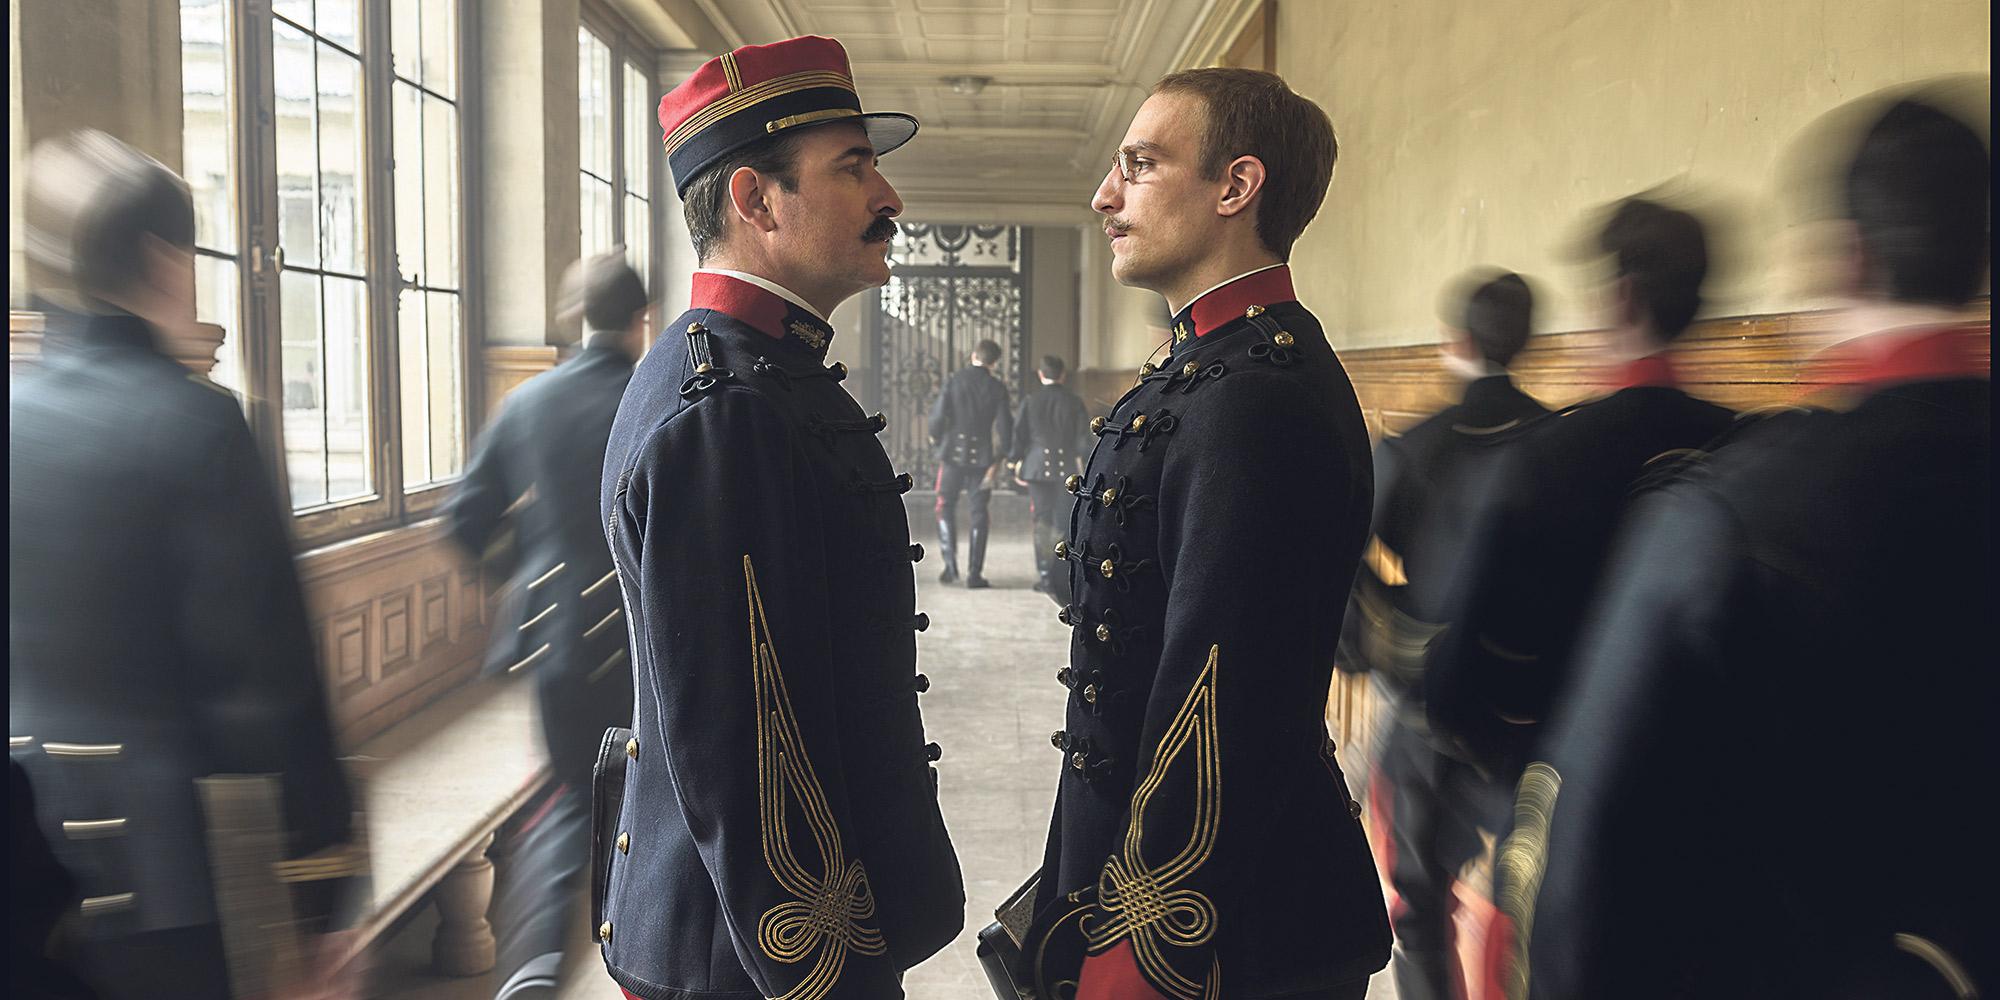 EXCLUSIF.-Le-JDD-a-assiste-au-dernier-jour-de-tournage-du-film-de-Roman-Polanski-sur-l-affaire-Dreyfus